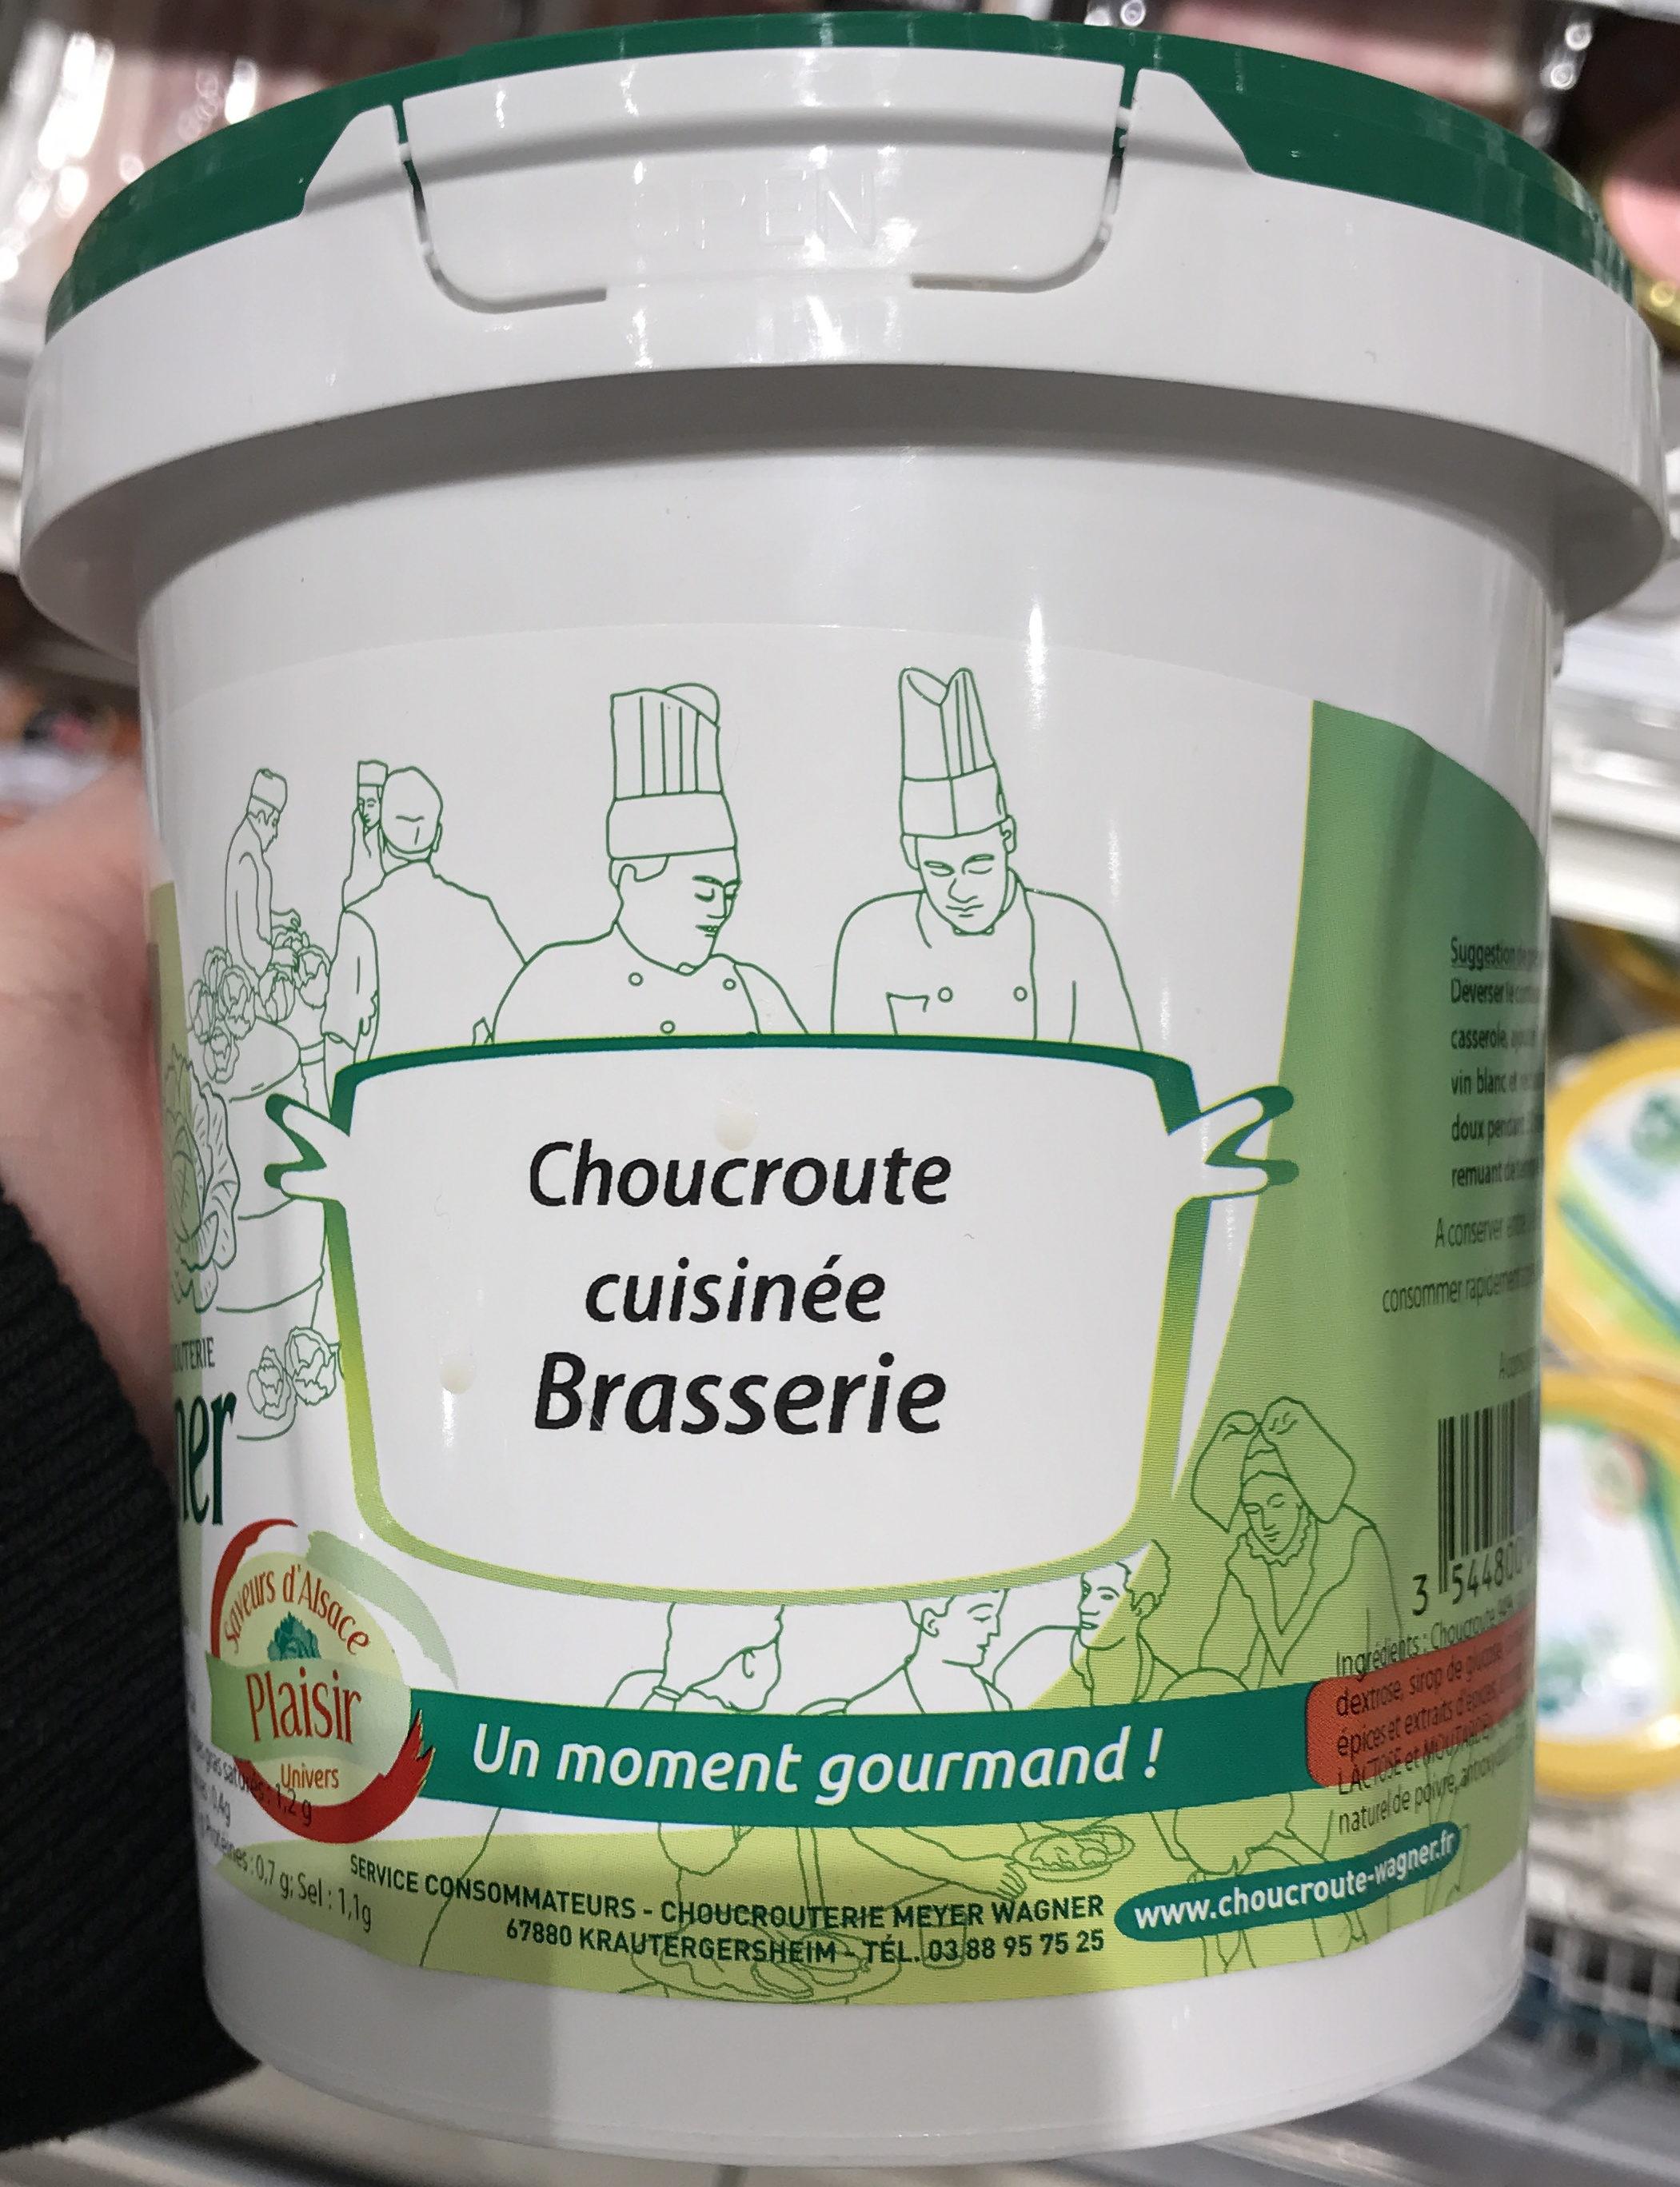 Choucroute cuisinée brasserie - Produit - fr